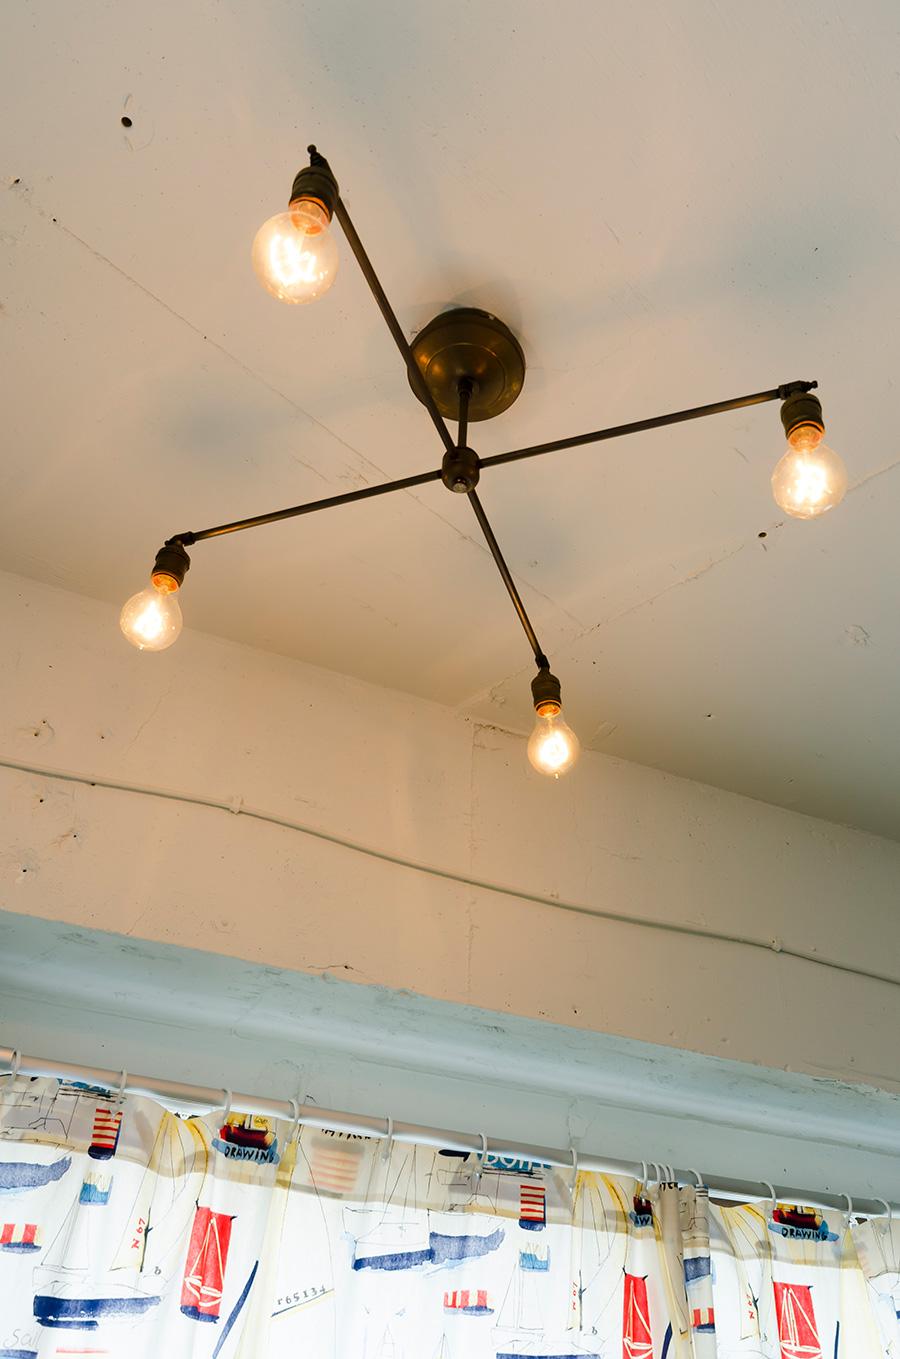 真鍮を使った照明は、杉村さんのデザイン。やわらかい明かりが古い家具を照らし出す。